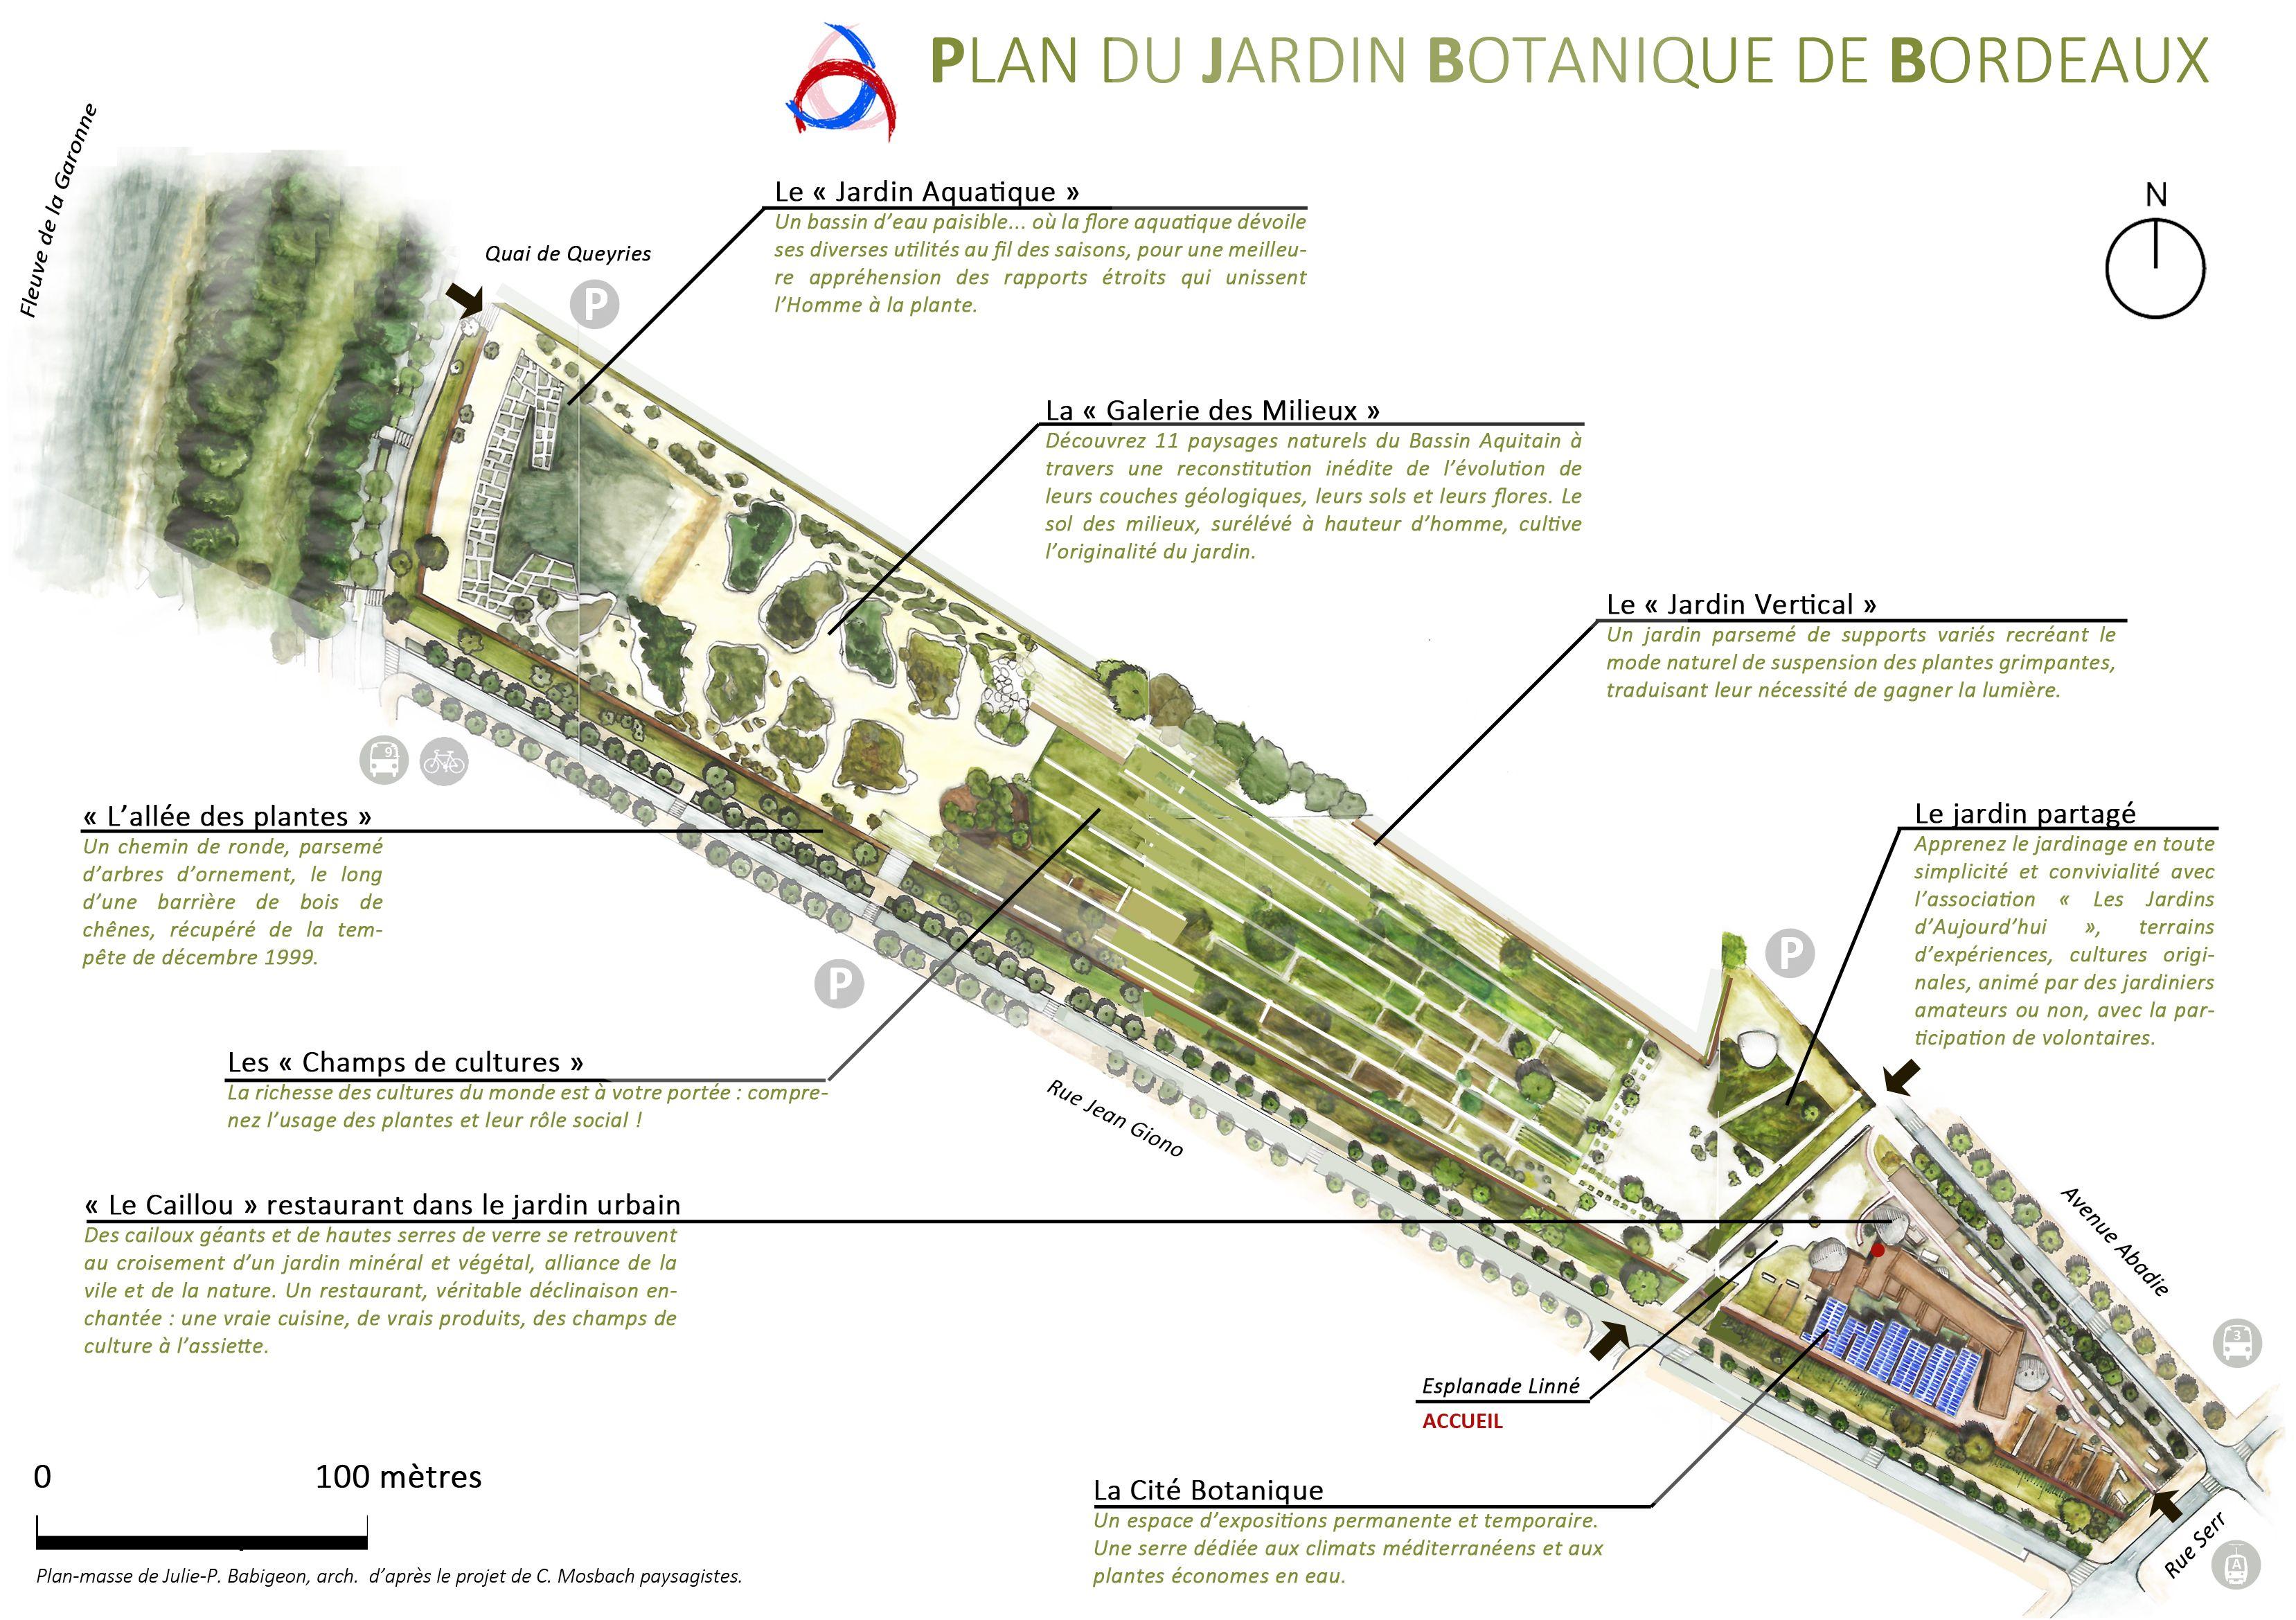 Mars2014 plan du jardin botanique de 3315 for Appartement bordeaux jardin botanique